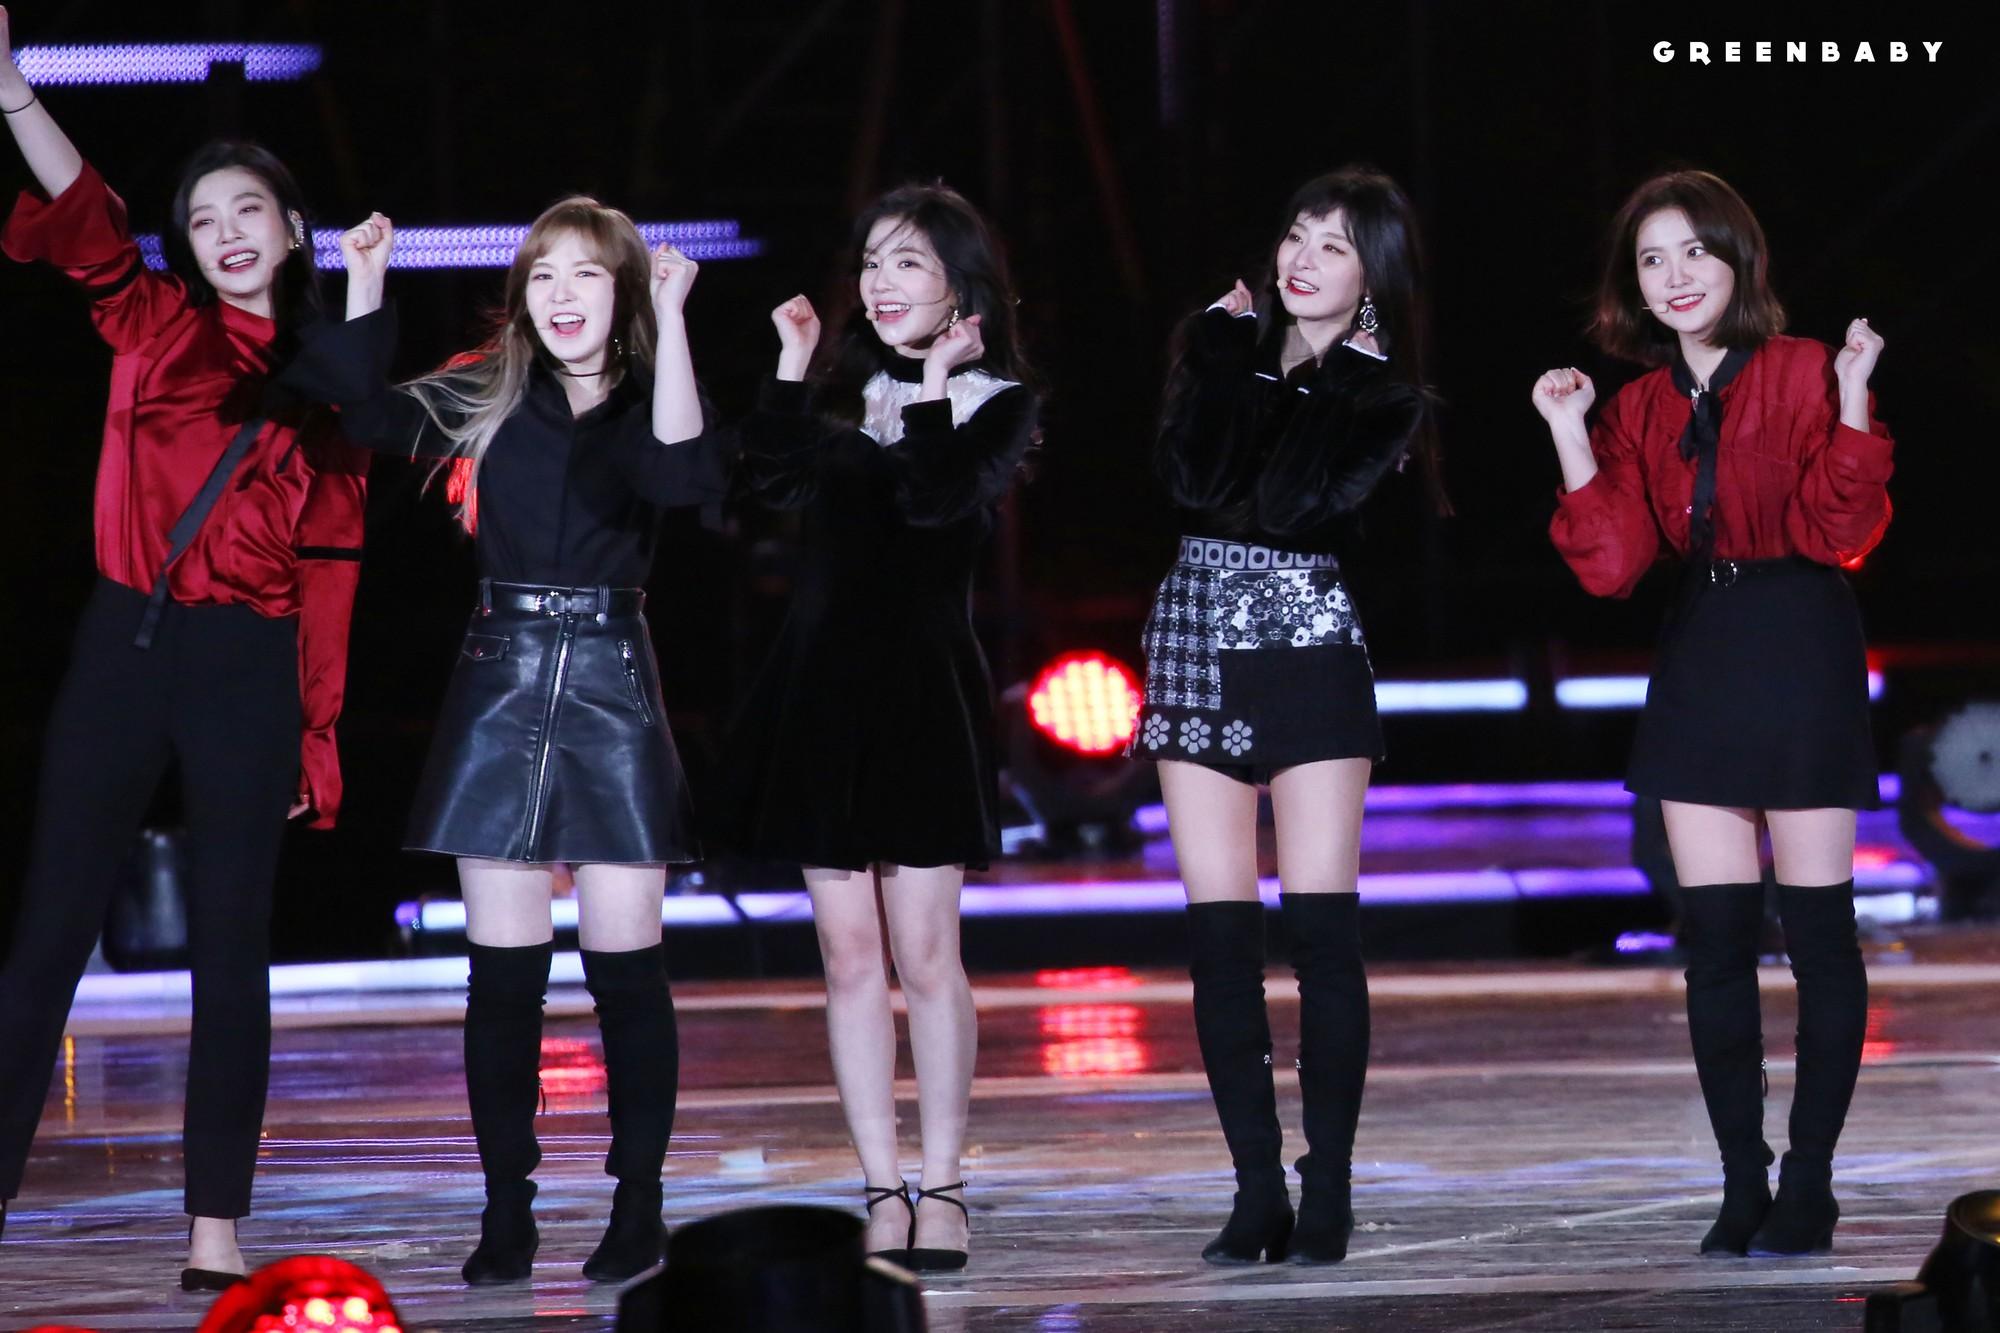 Biểu diễn trong trang phục mỏng manh giữa tiết trời lạnh giá, các idol nữ xứ Hàn khiến nhiều netizen xót xa - Ảnh 8.